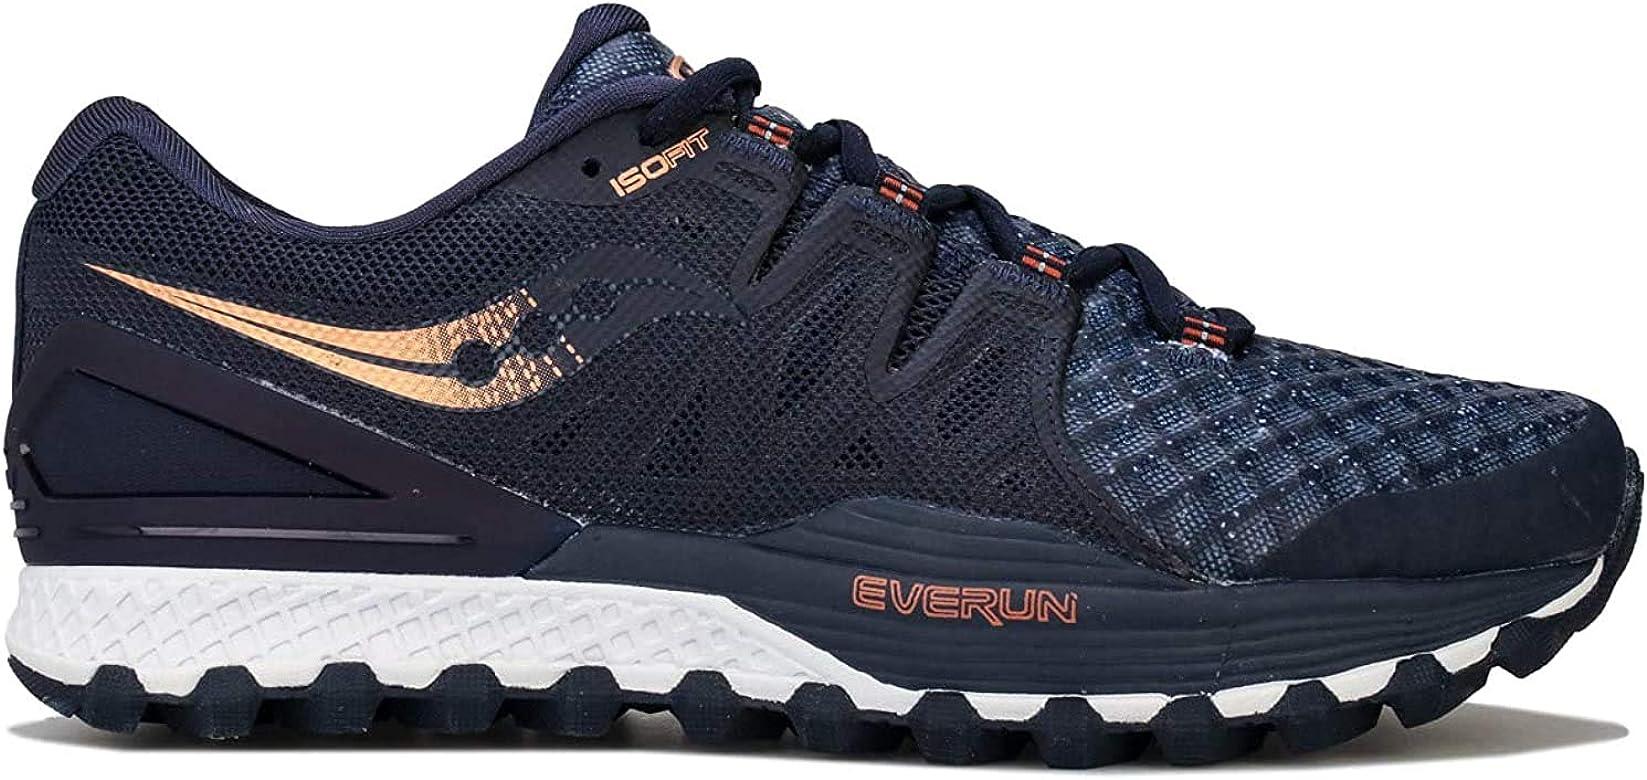 Saucony Xodus ISO 2, Zapatillas de Deporte para Hombre, Azul (Nvy/Den/Copa 30), 41 EU: Amazon.es: Zapatos y complementos